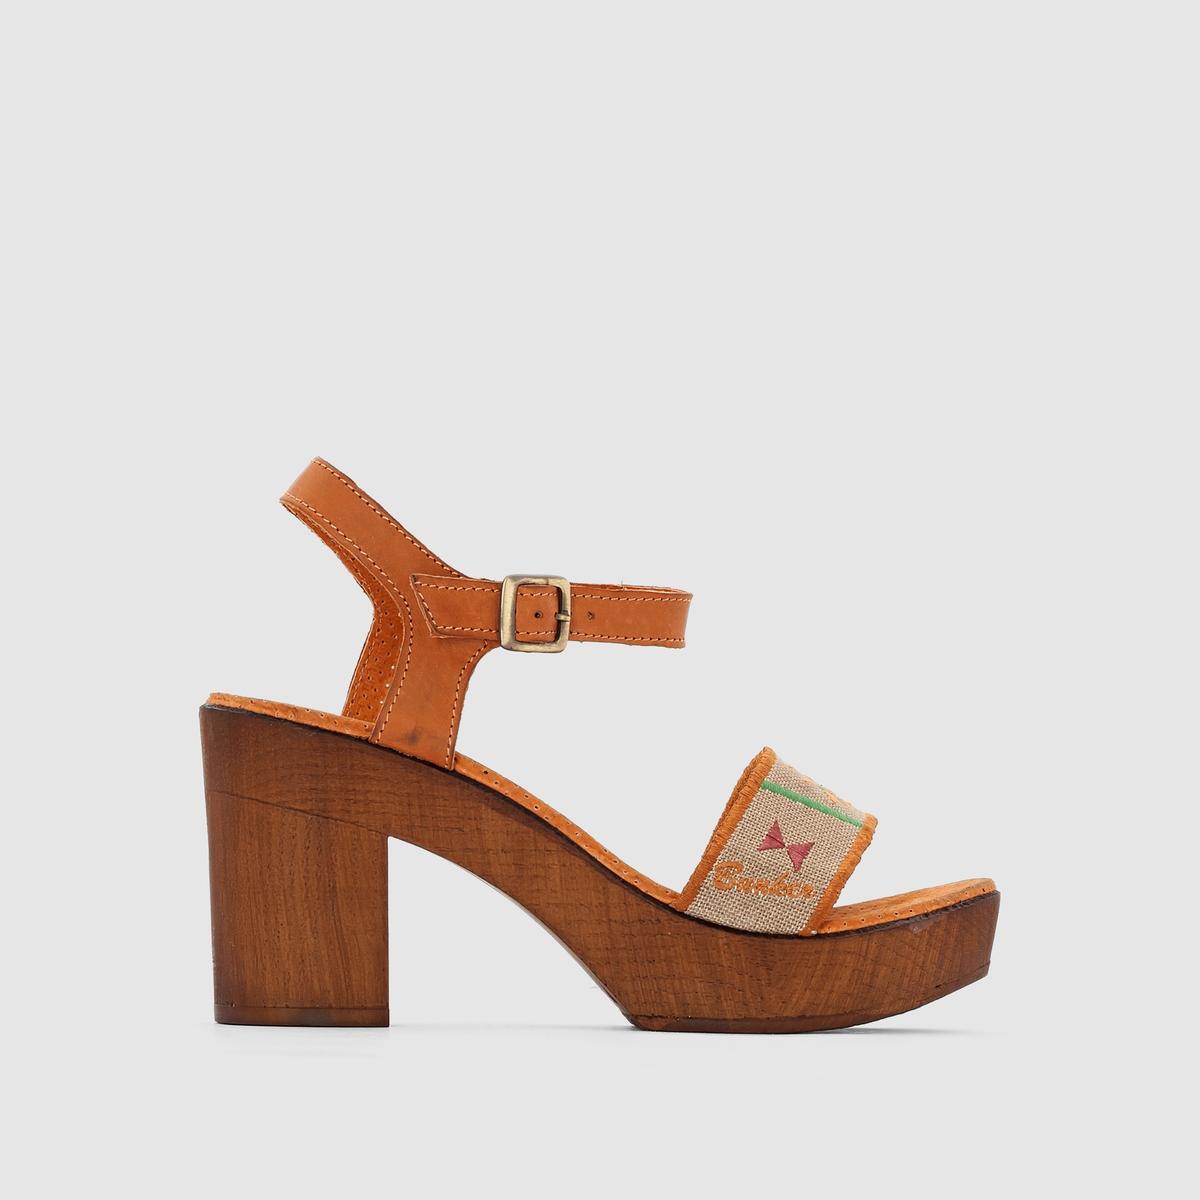 Босоножки на каблуке и подошве-платформеУльтра-женственные и комфортные босоножки благодаря подошве-платформе и высокому каблуку... !<br><br>Цвет: серо-коричневый/рисунок<br>Размер: 38.39.40